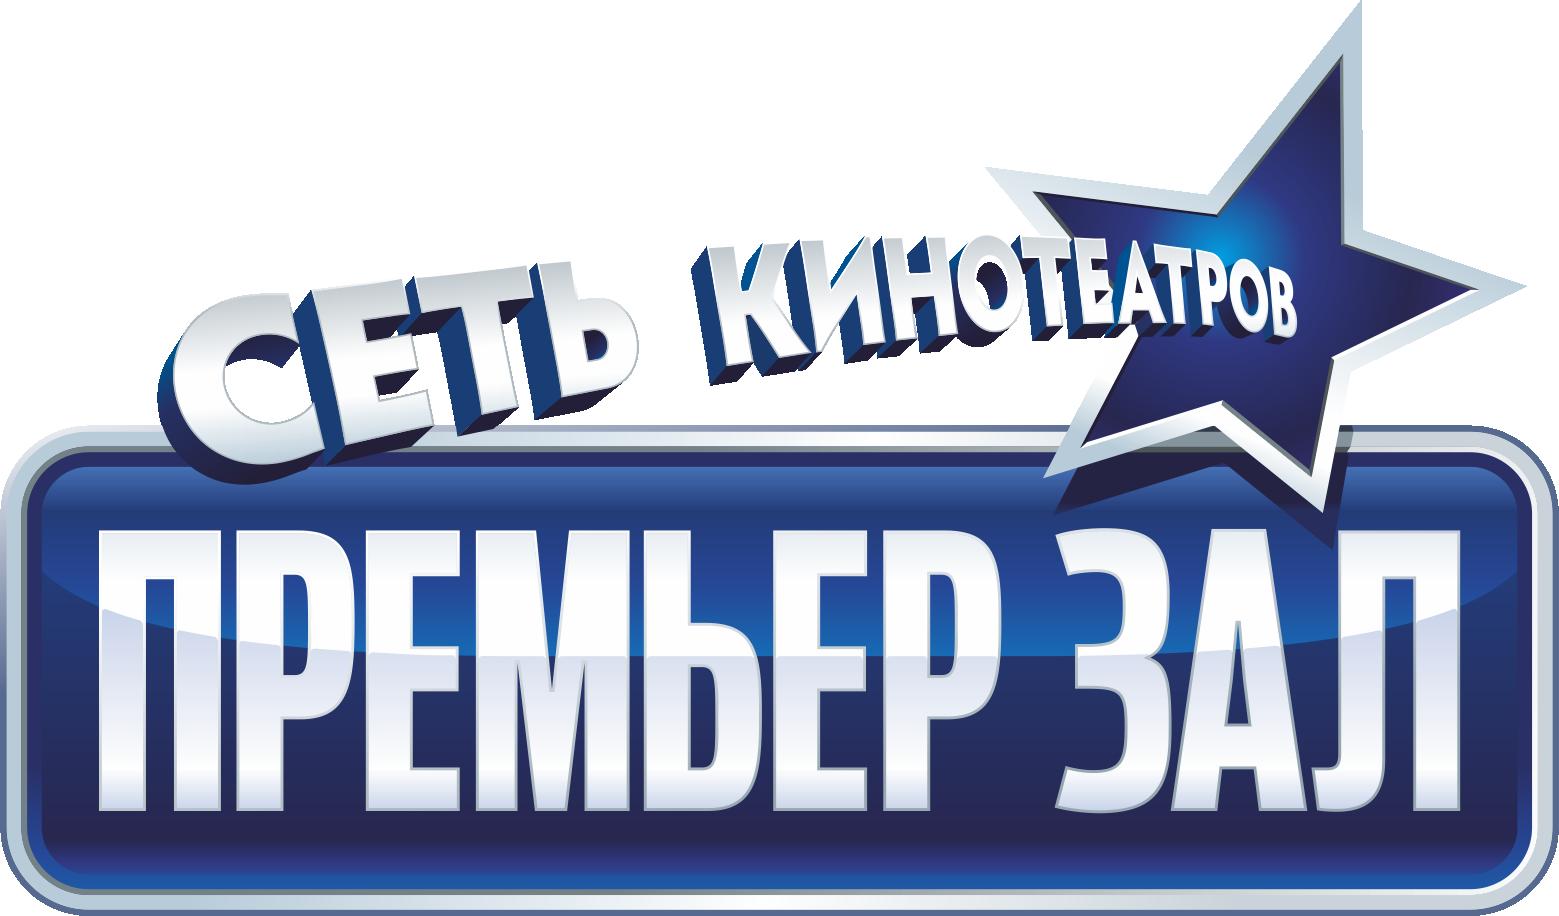 Билеты в кино в сургуте цены кино афиша в иркутске чайка